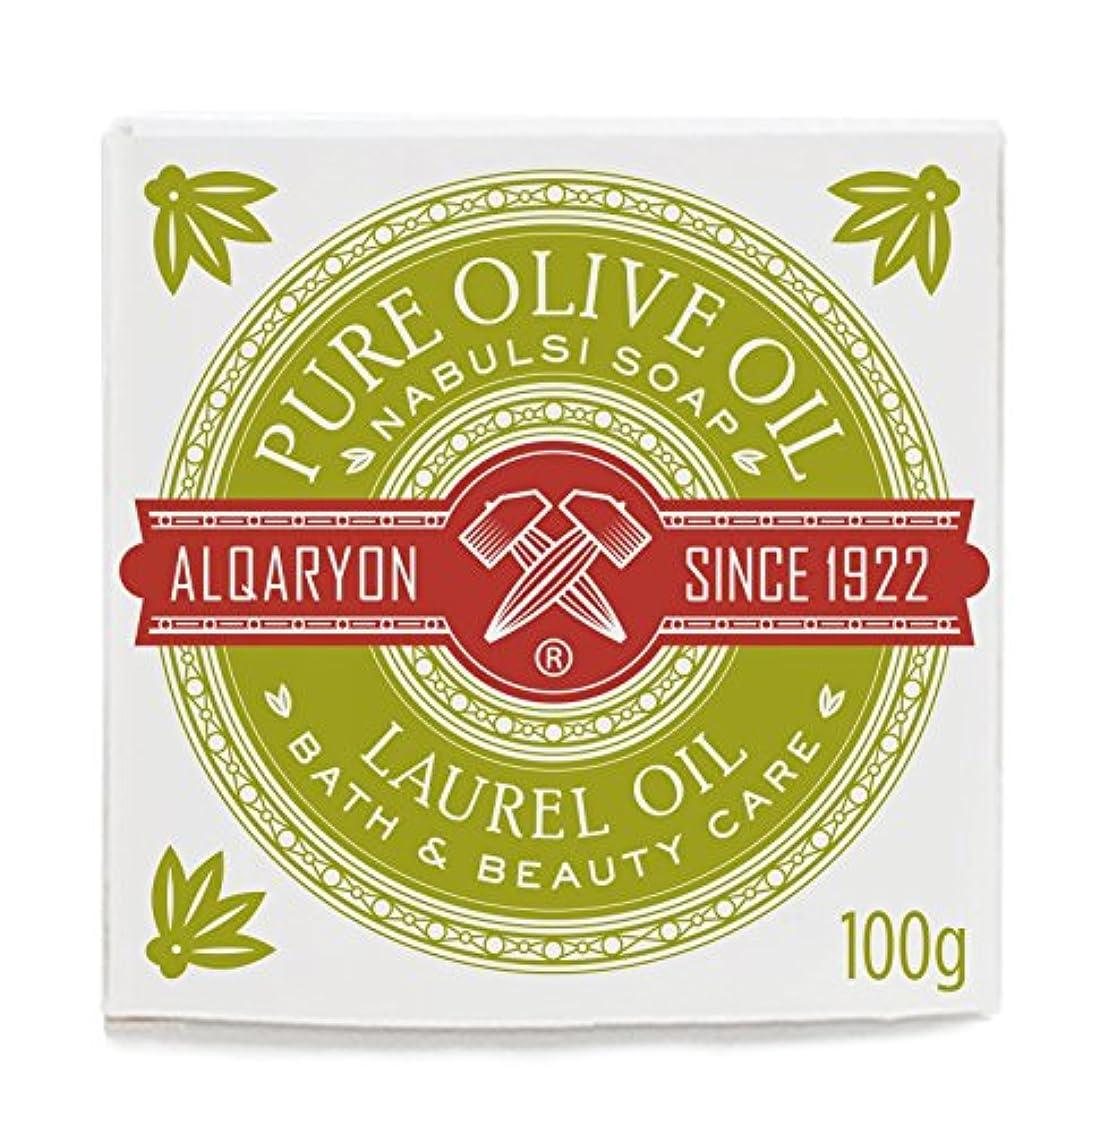 事余計な奨学金Alqaryon Laurel Oil & Olive Oil Bar Soap Pack of 4 - AlqaryonのローレルオイルI&オリーブオイル ソープ、バス & ビューティー ケア、100gの石鹸4個のパック